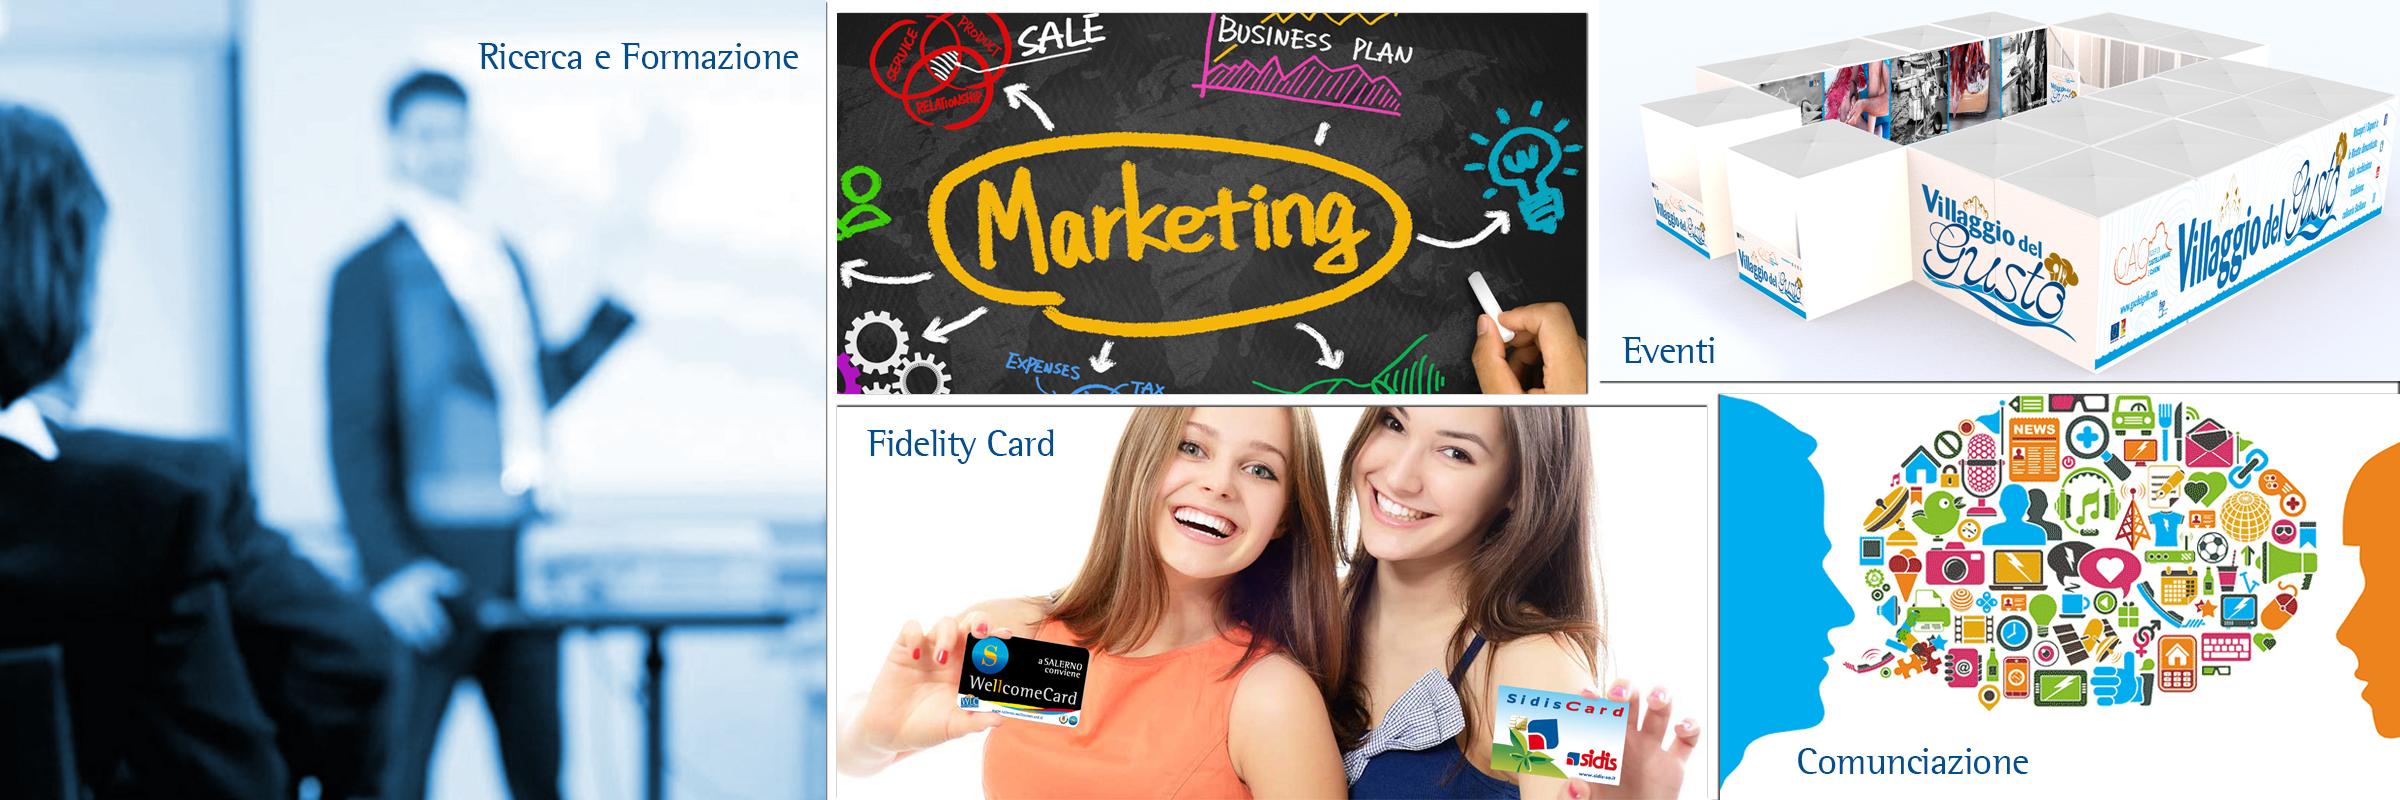 Progetti Studio Nouvelle Salerno Progetti Marketing Ricerca Grafica Web Comunicazione Consulenza Eventi Fidelity Card Operazione Premi Formazione.jpg